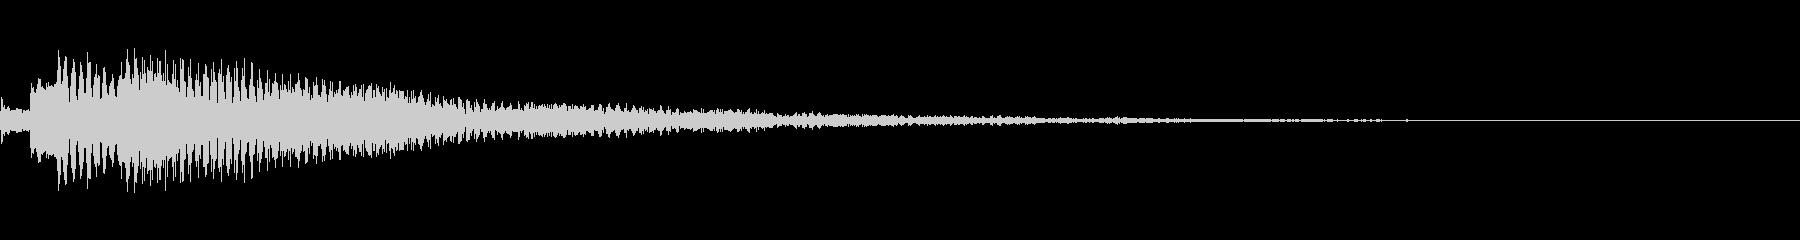 オリエンタルで涼やかなフレーズ 通知音の未再生の波形